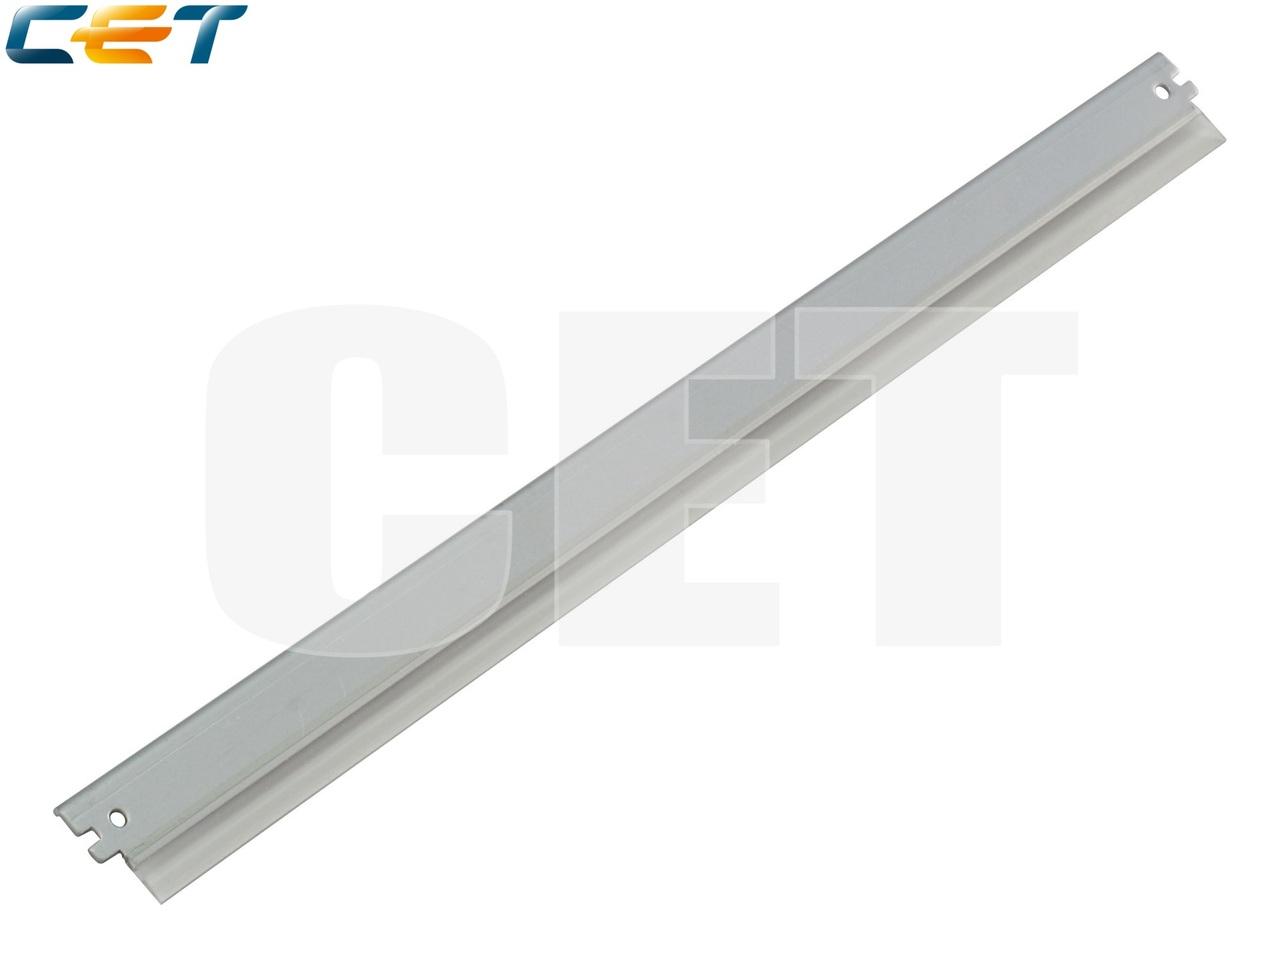 Ракель для CANONiR1600/2000/R2016/2020/R2018/2022/2025/2030 (CET),CET4672